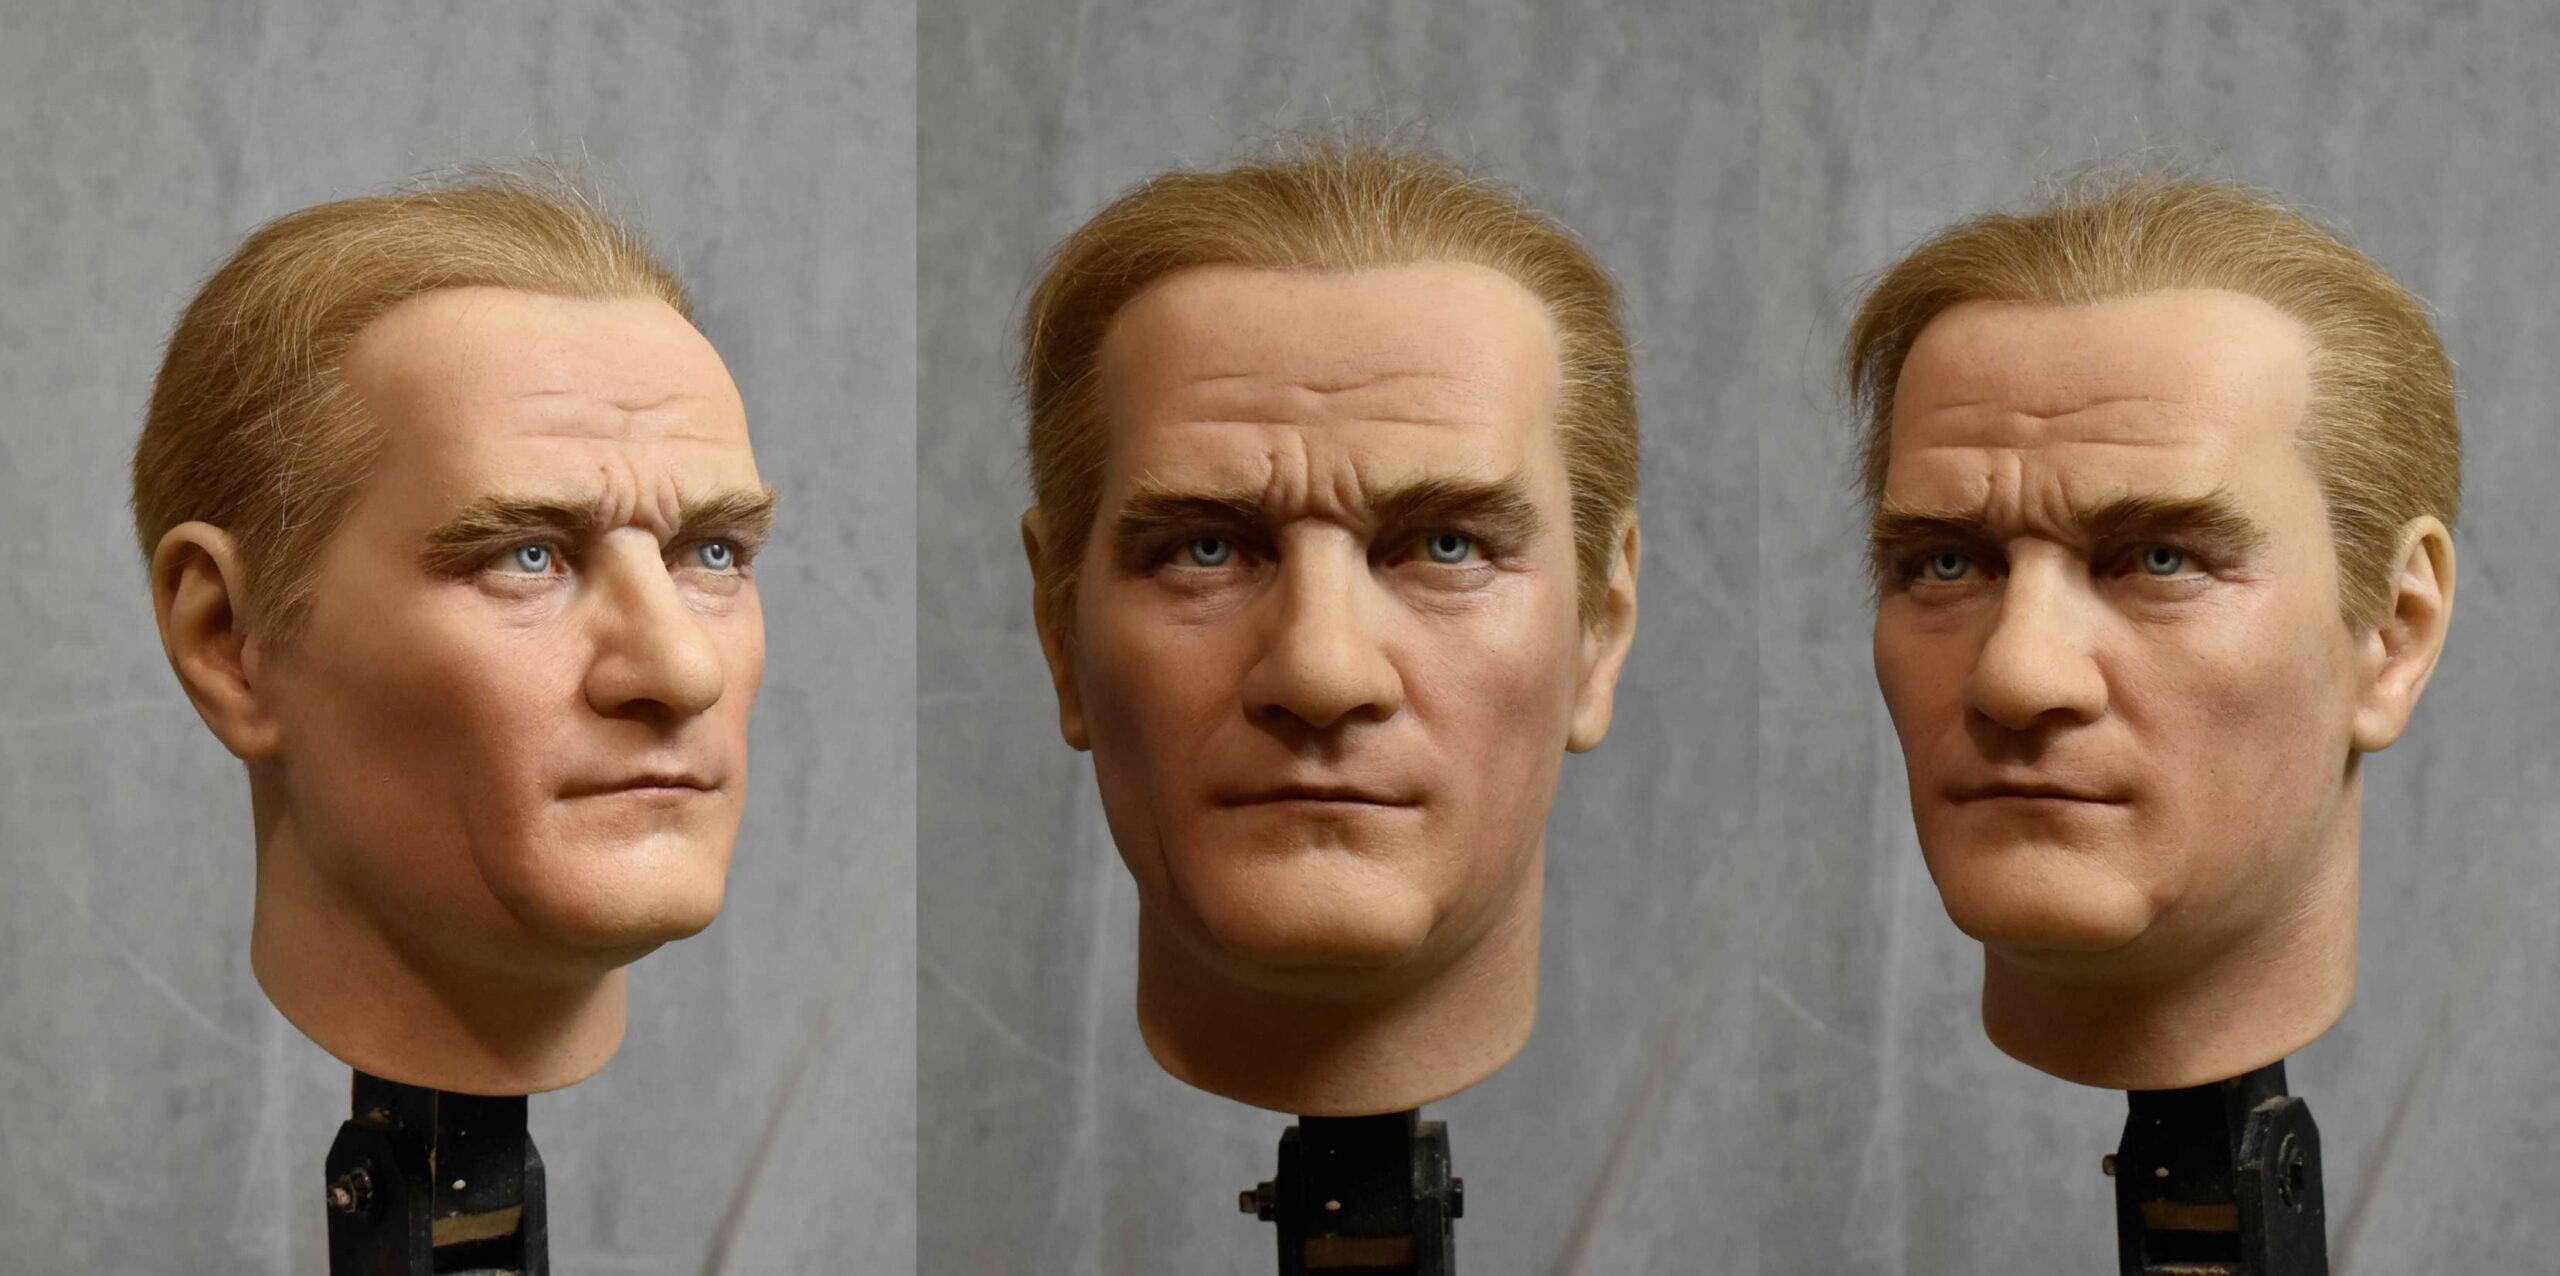 Заказать восковую фигуру, восковая фигура Ататюрка